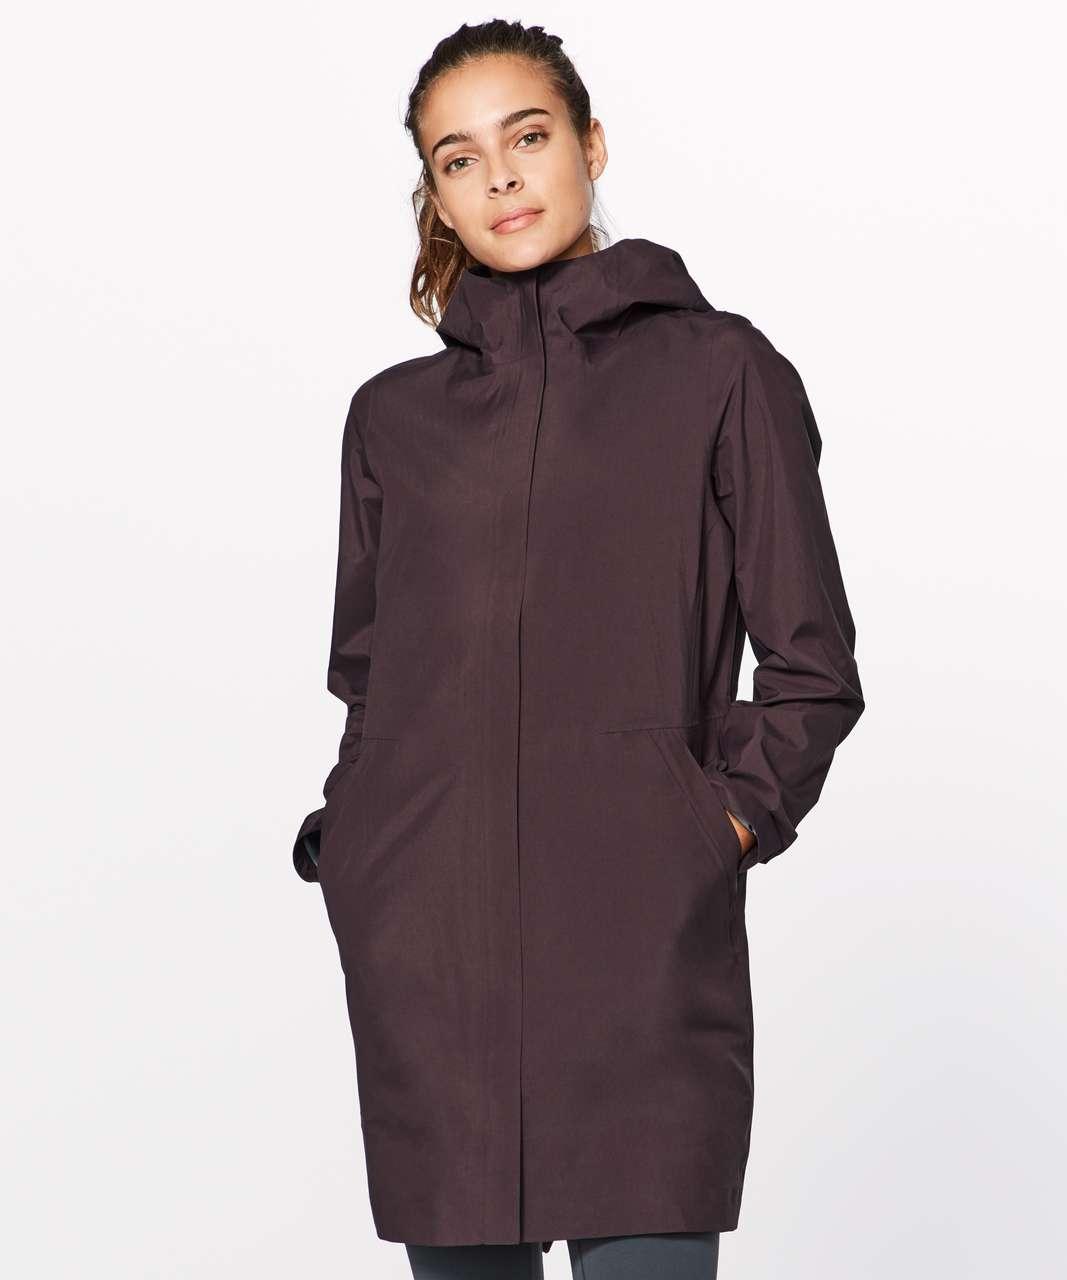 Lululemon Rain Haven Jacket - Pelt